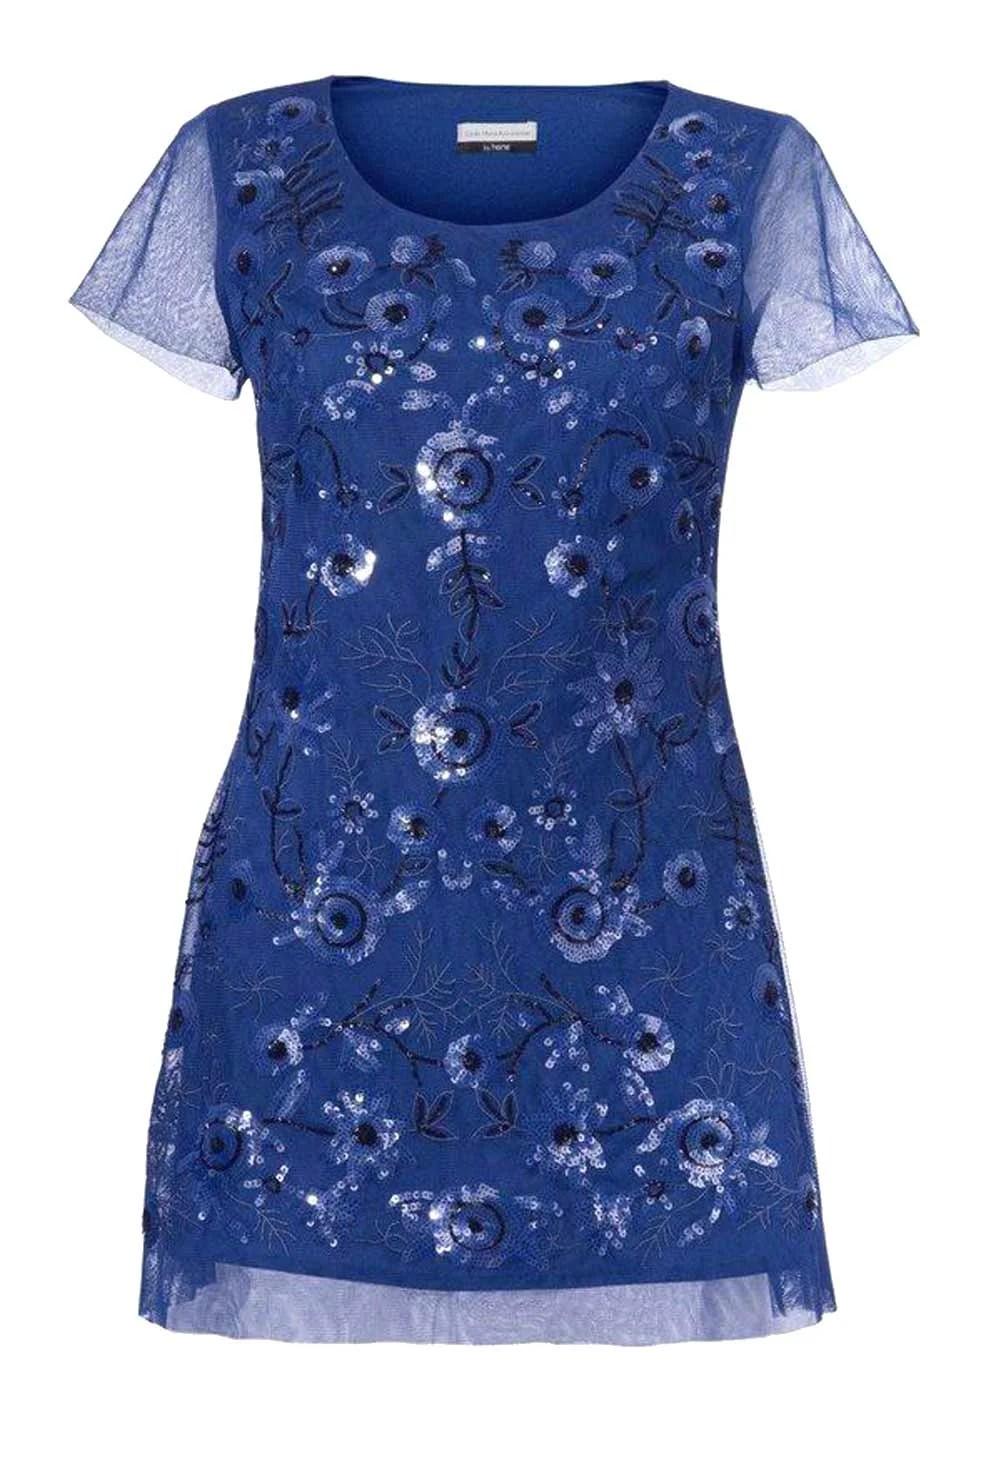 007.626 GUIDO MARIA KRETSCHMER Damen Designer-Paillettenshirt Royalblau